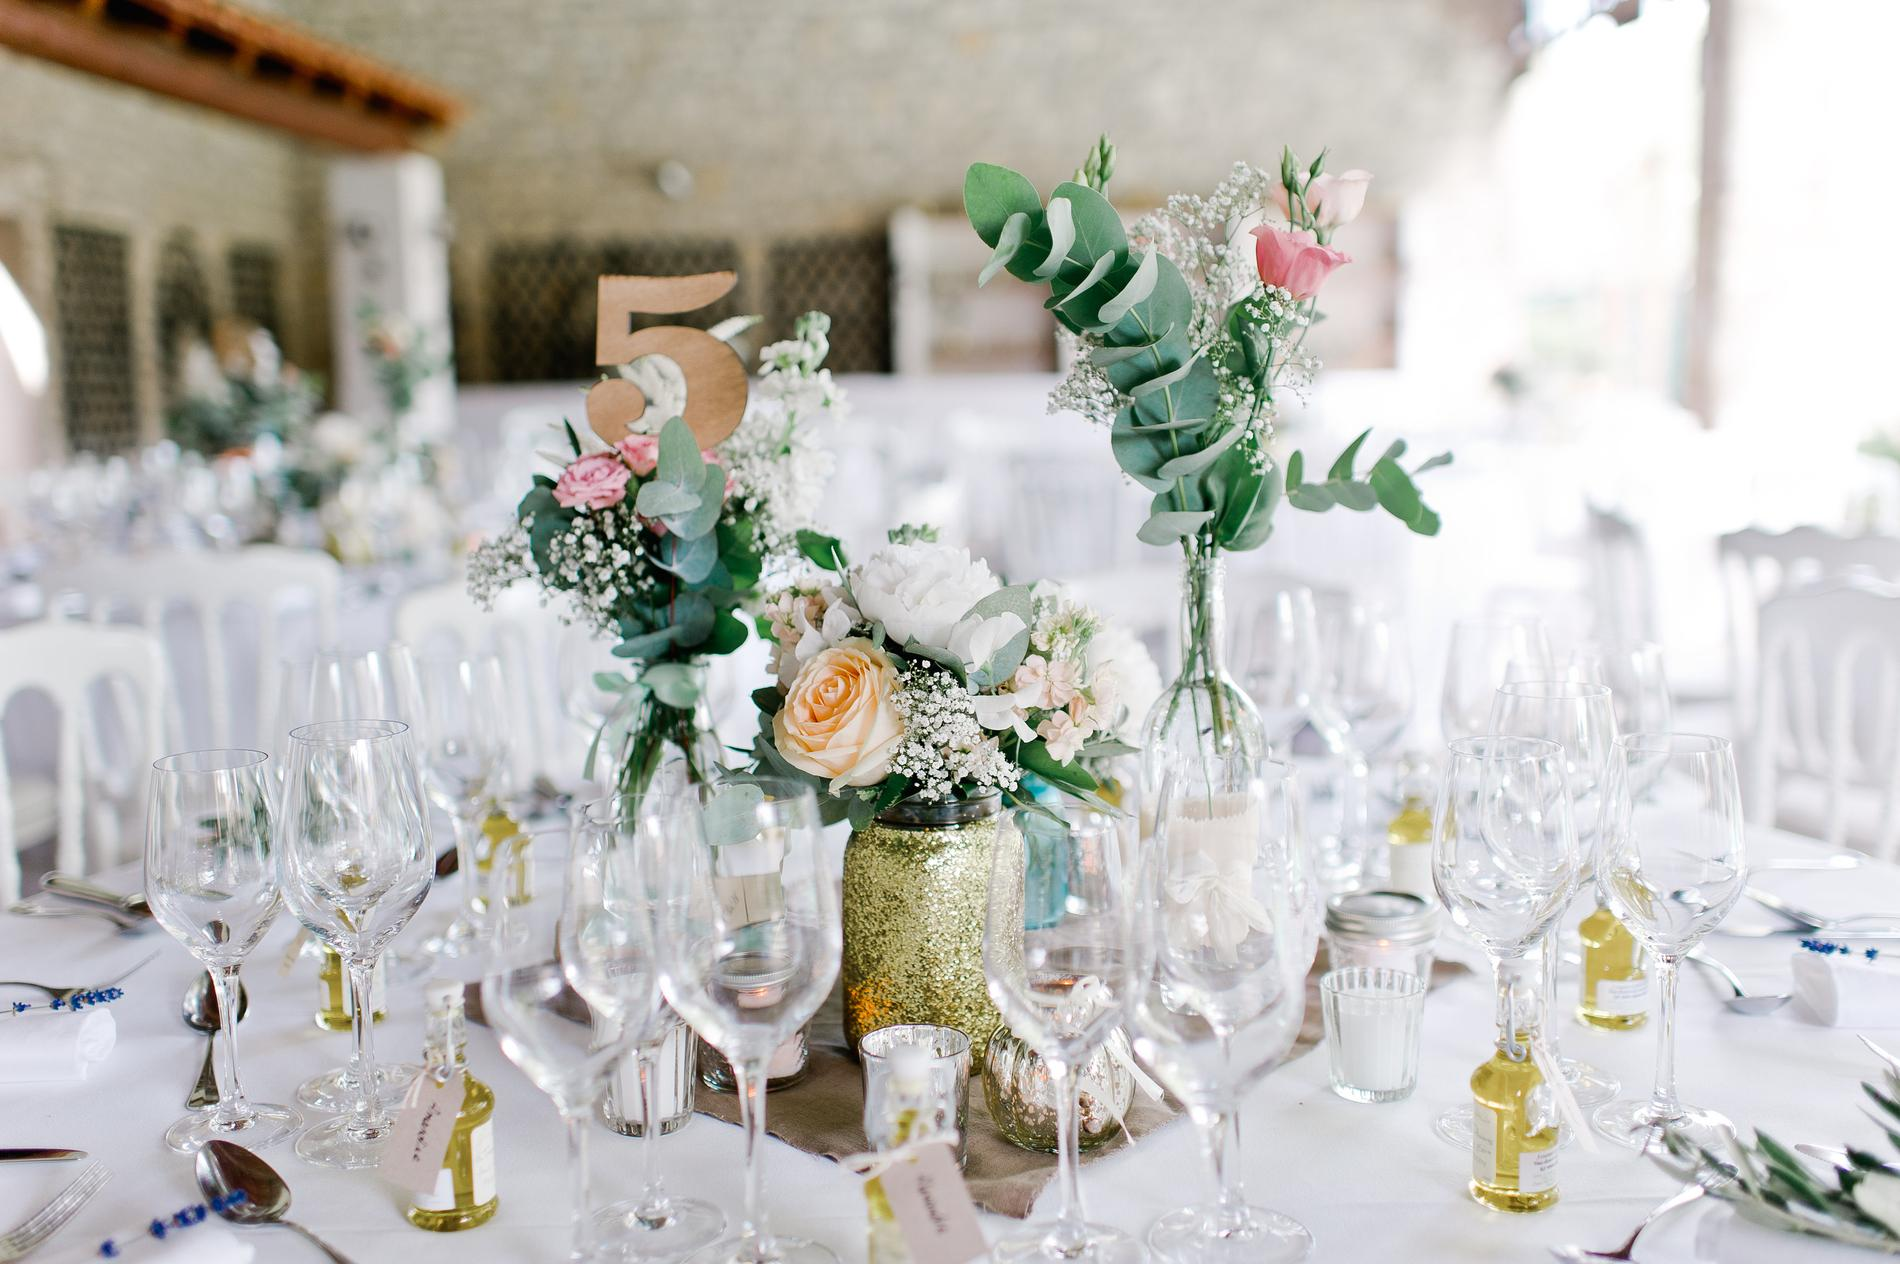 6 organiser l espace - Decorateur de mariage ...